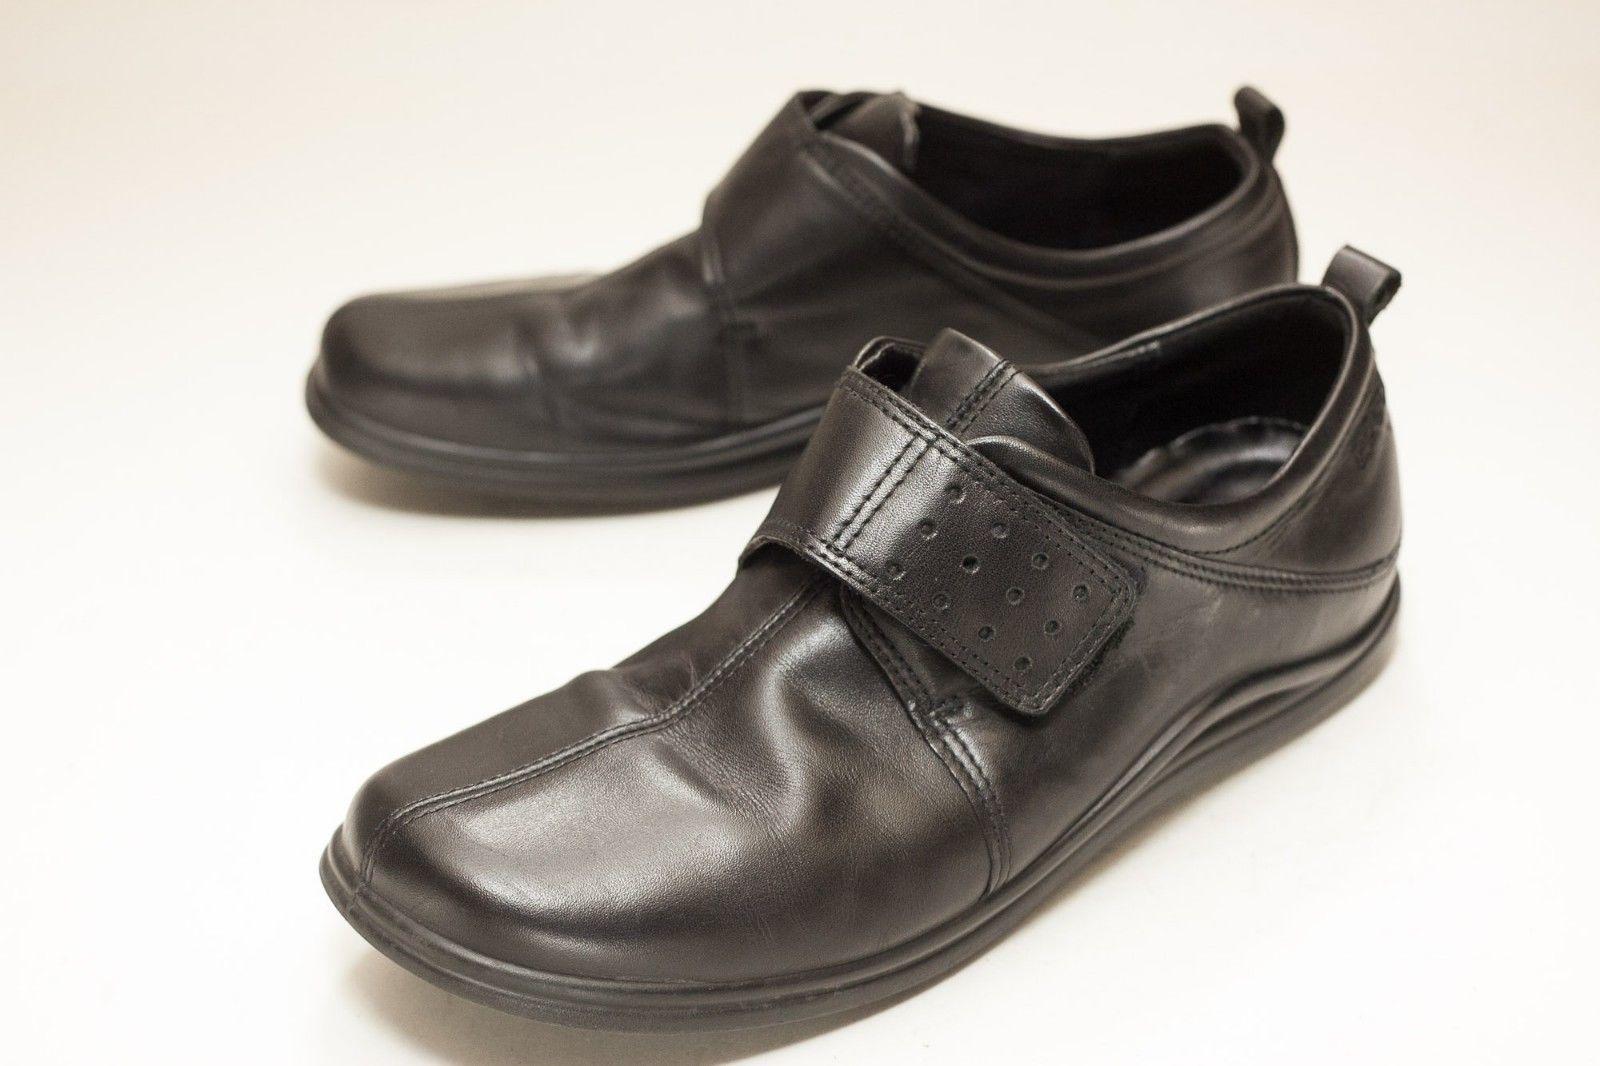 0d0087d6 ECCO Size 8 to 8.5 Black Flats Women's EU 39 and similar items